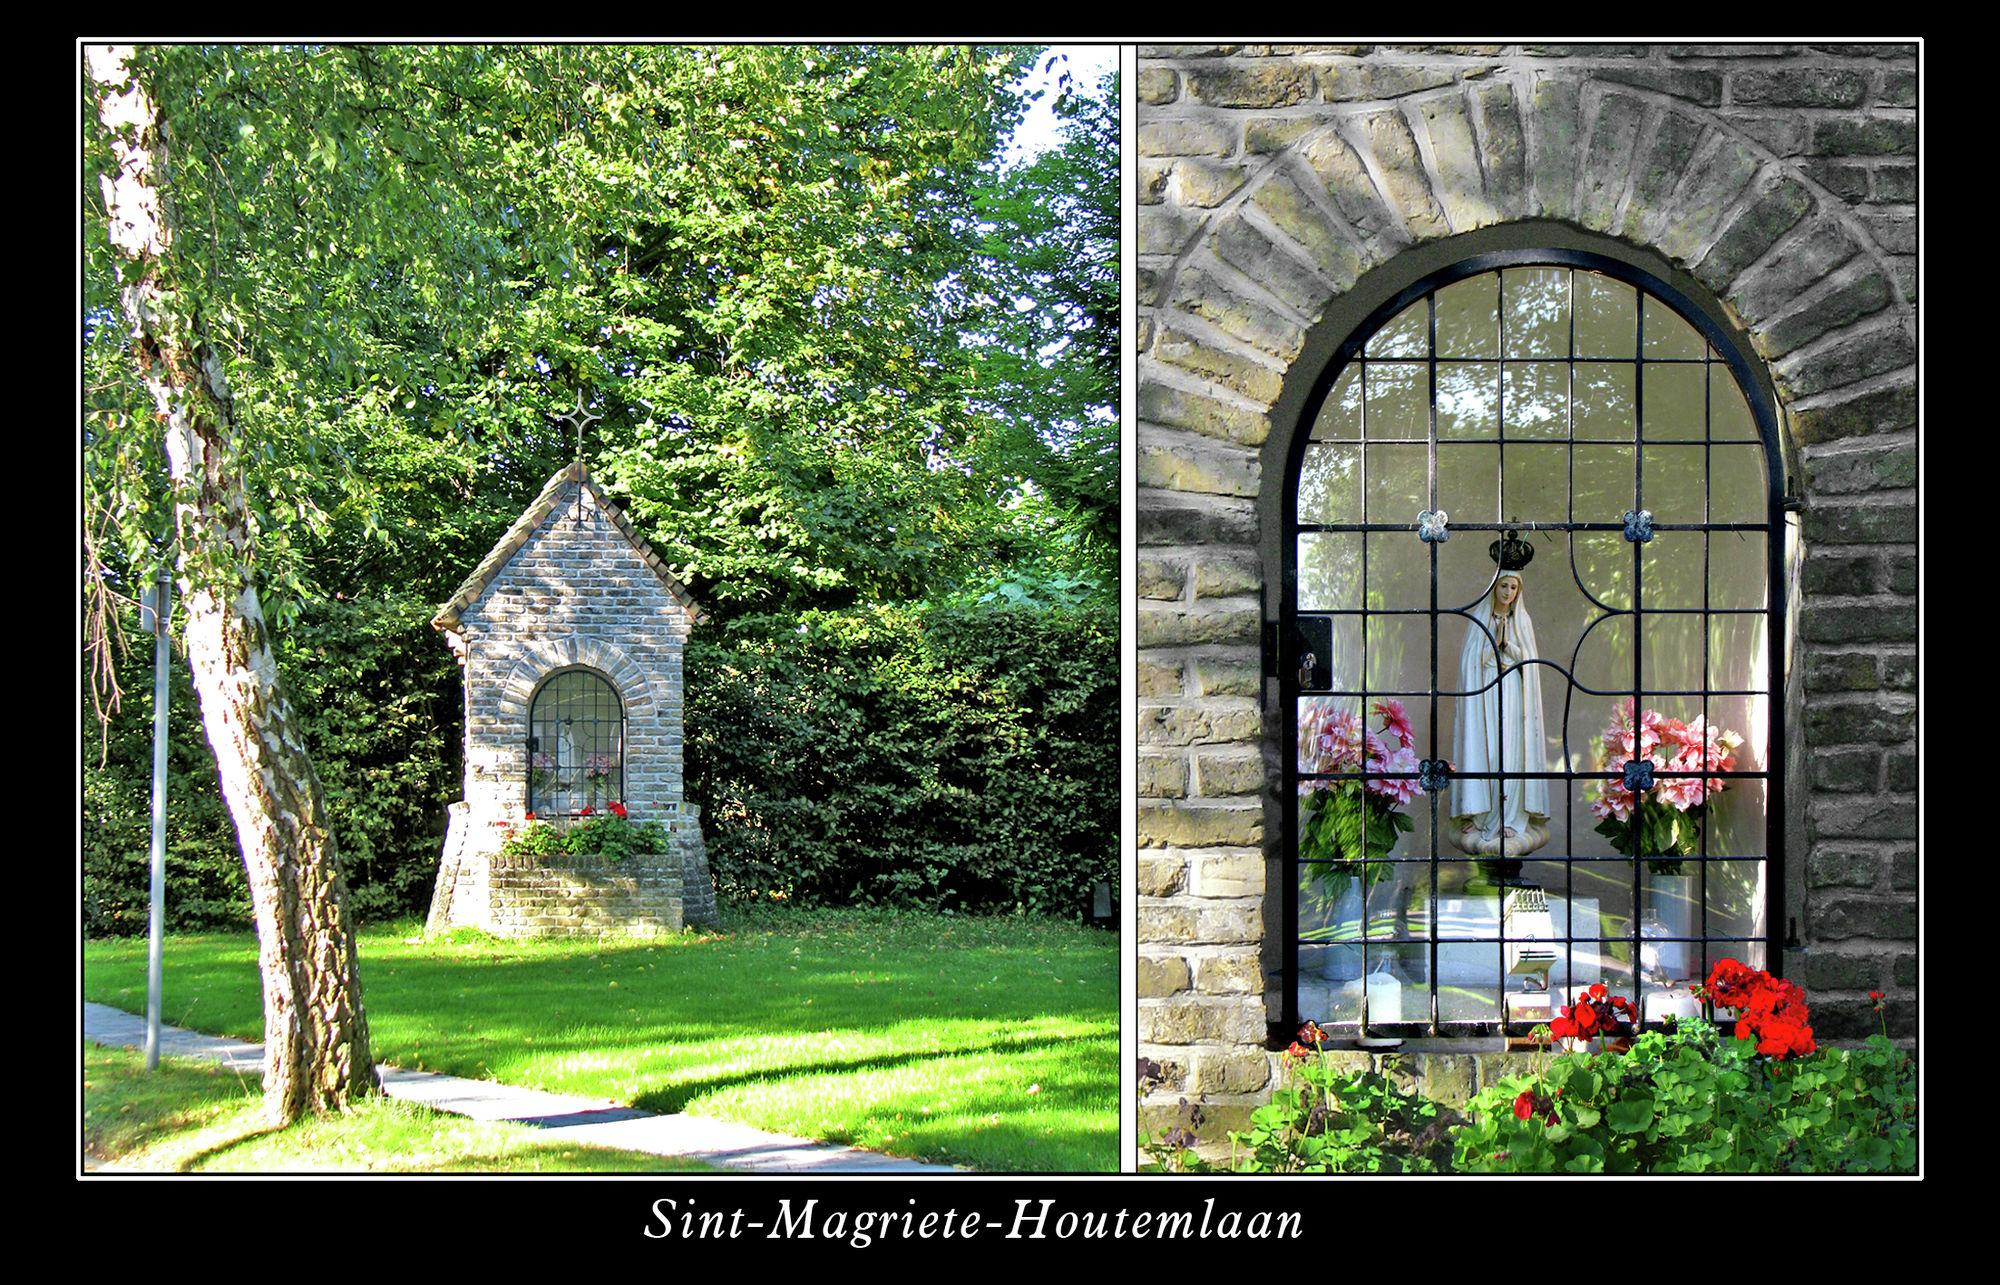 Muurkapel Sint-Magriete-Houtemlaan